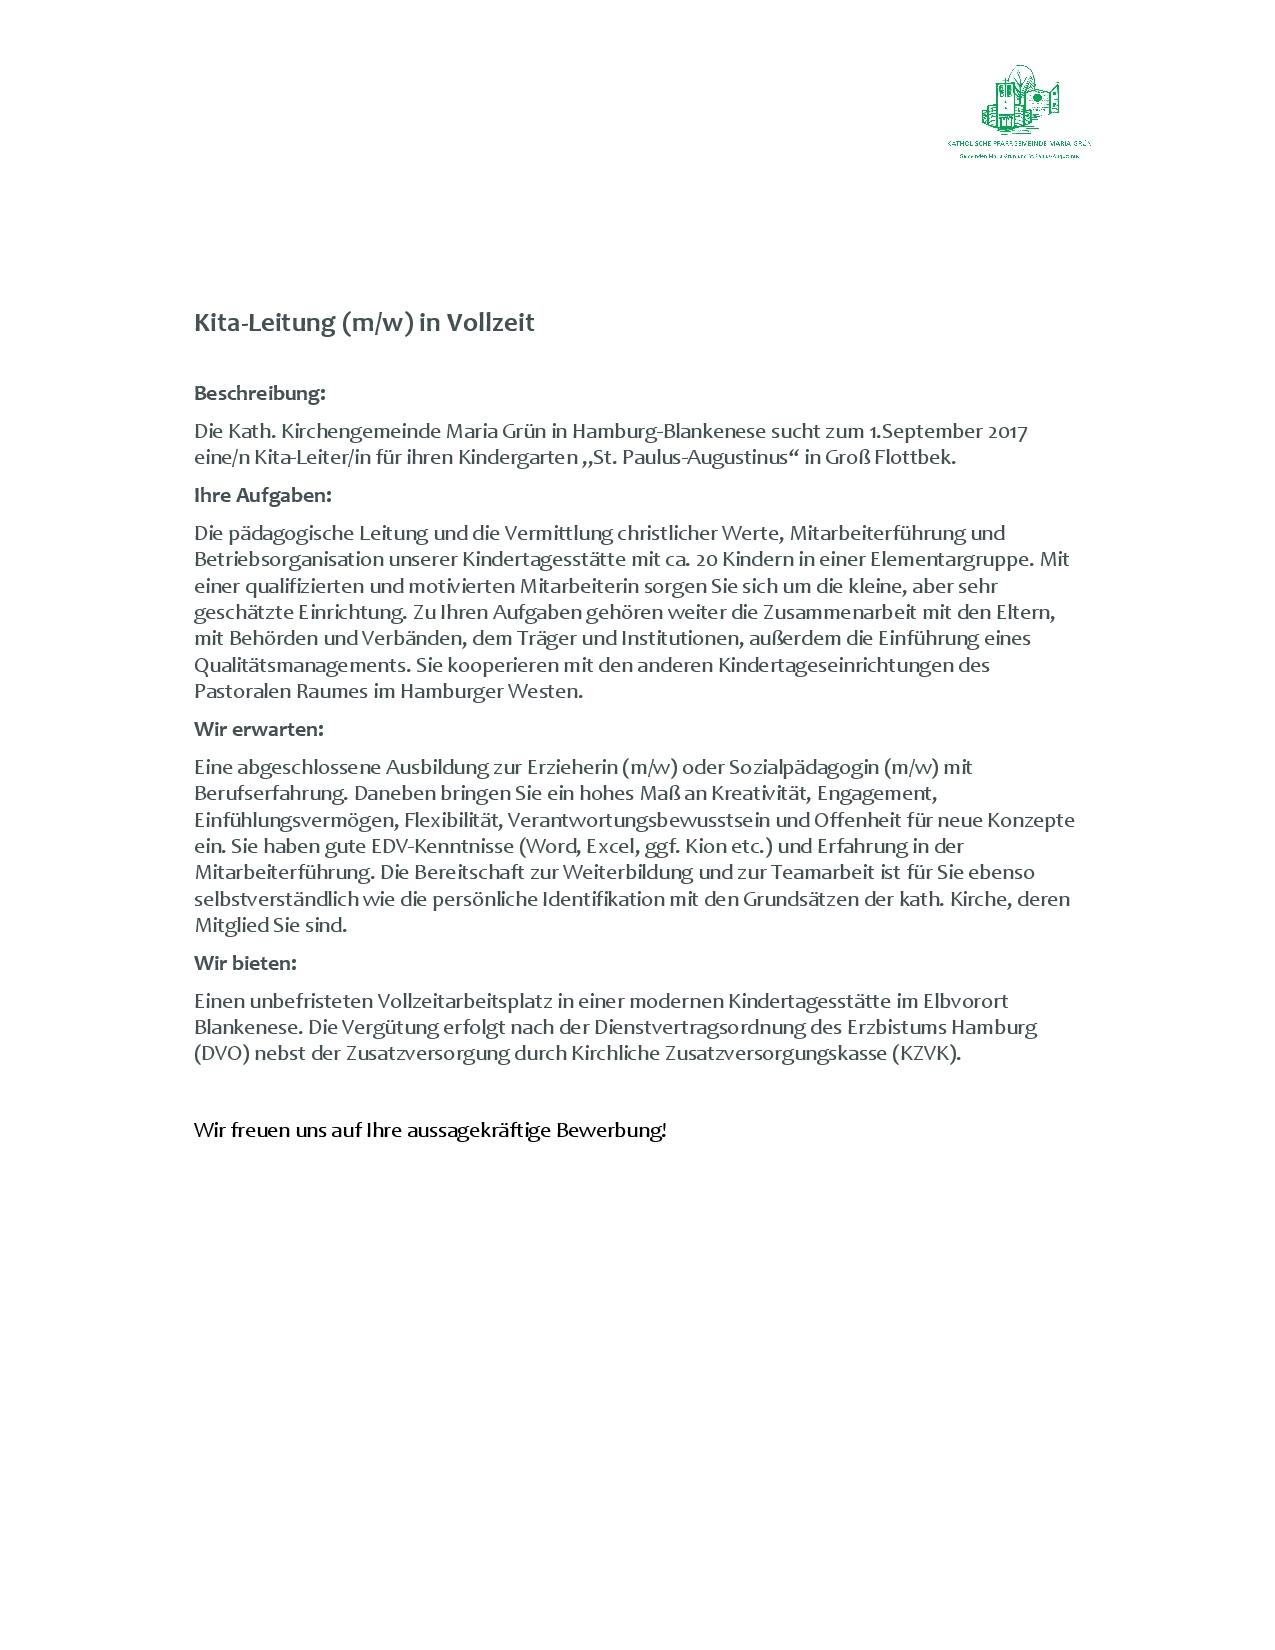 Bewerbung Erzieherin Kindergarten Bewerbungsschreiben